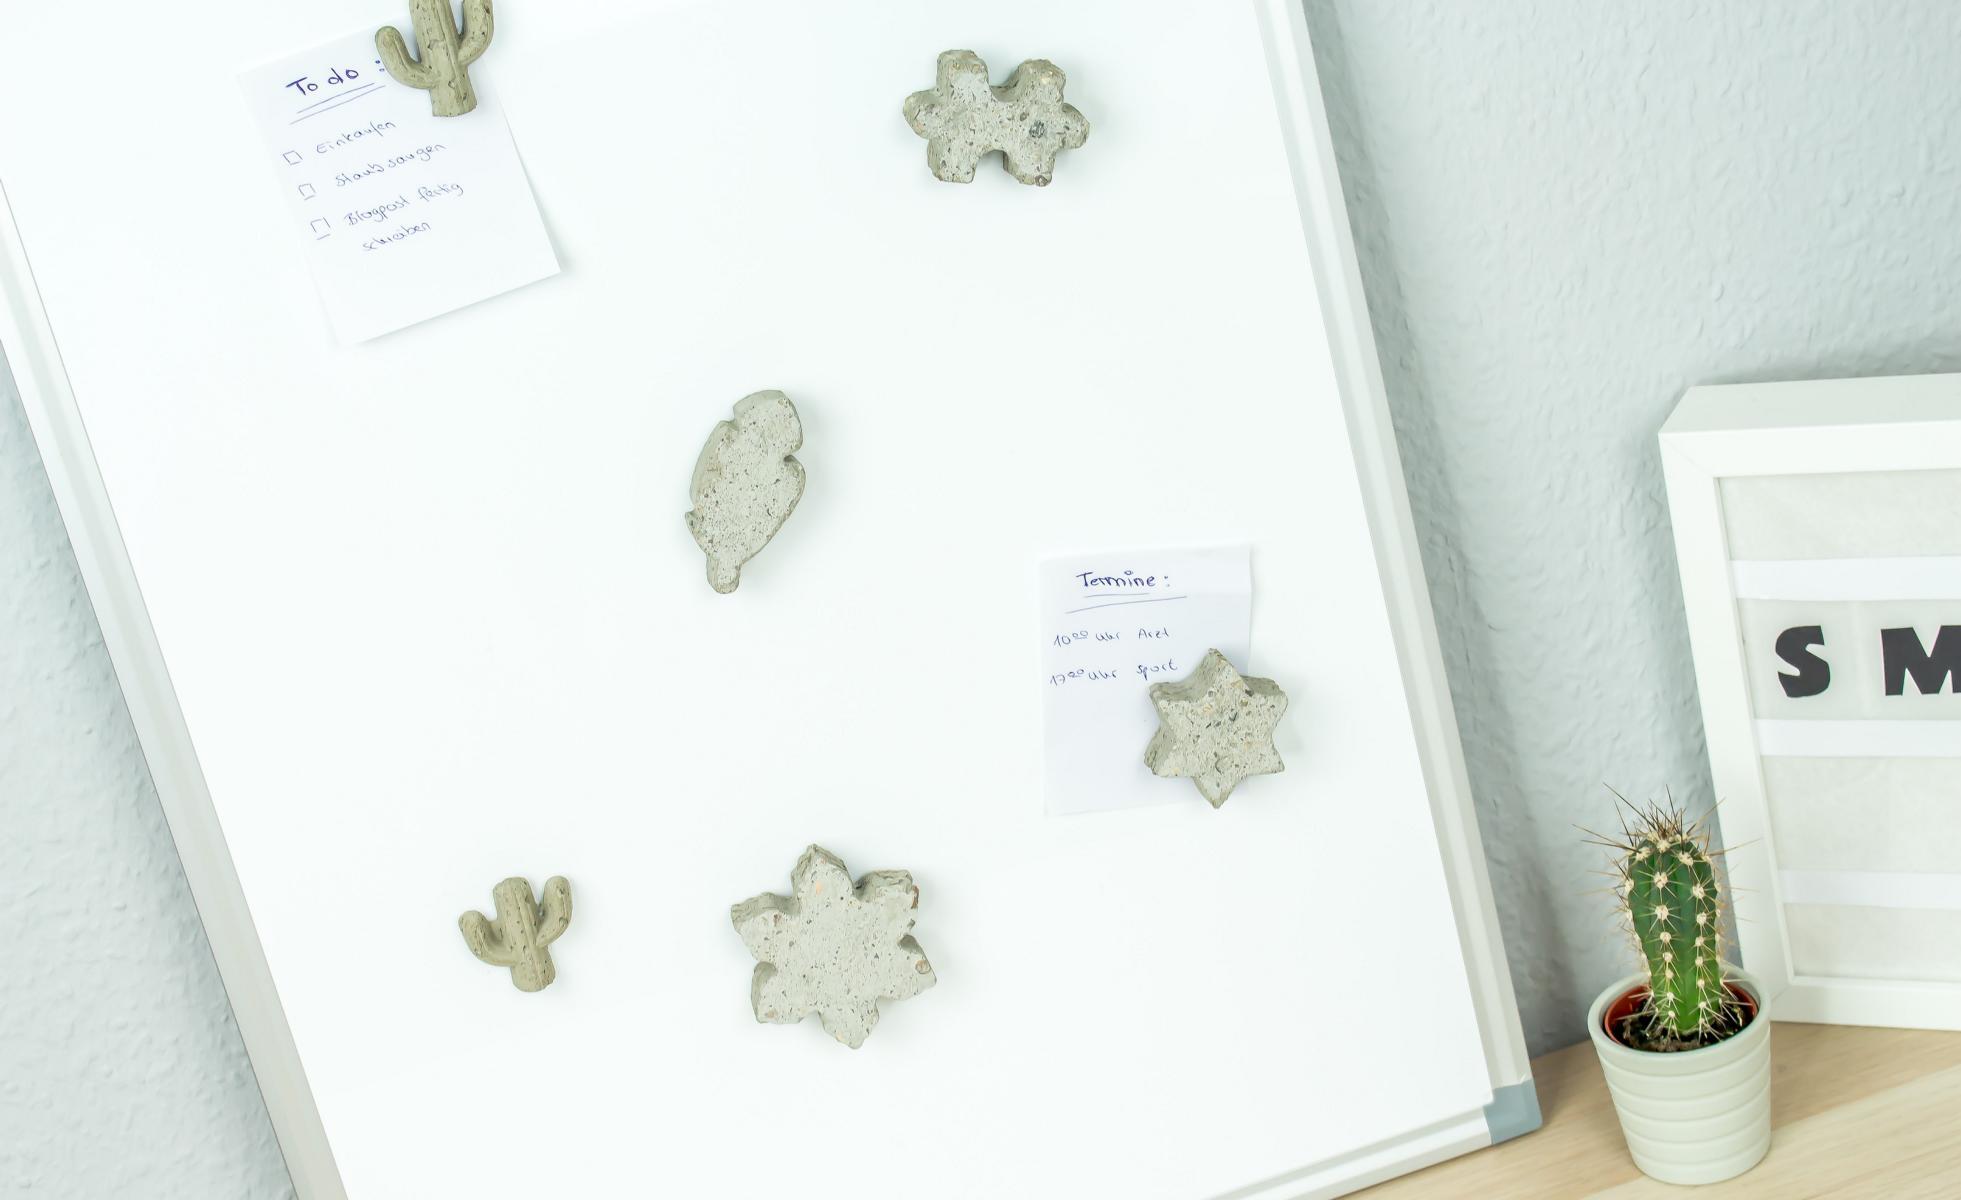 DIY Magnete aus Beton selber machen Beitragsbild 1